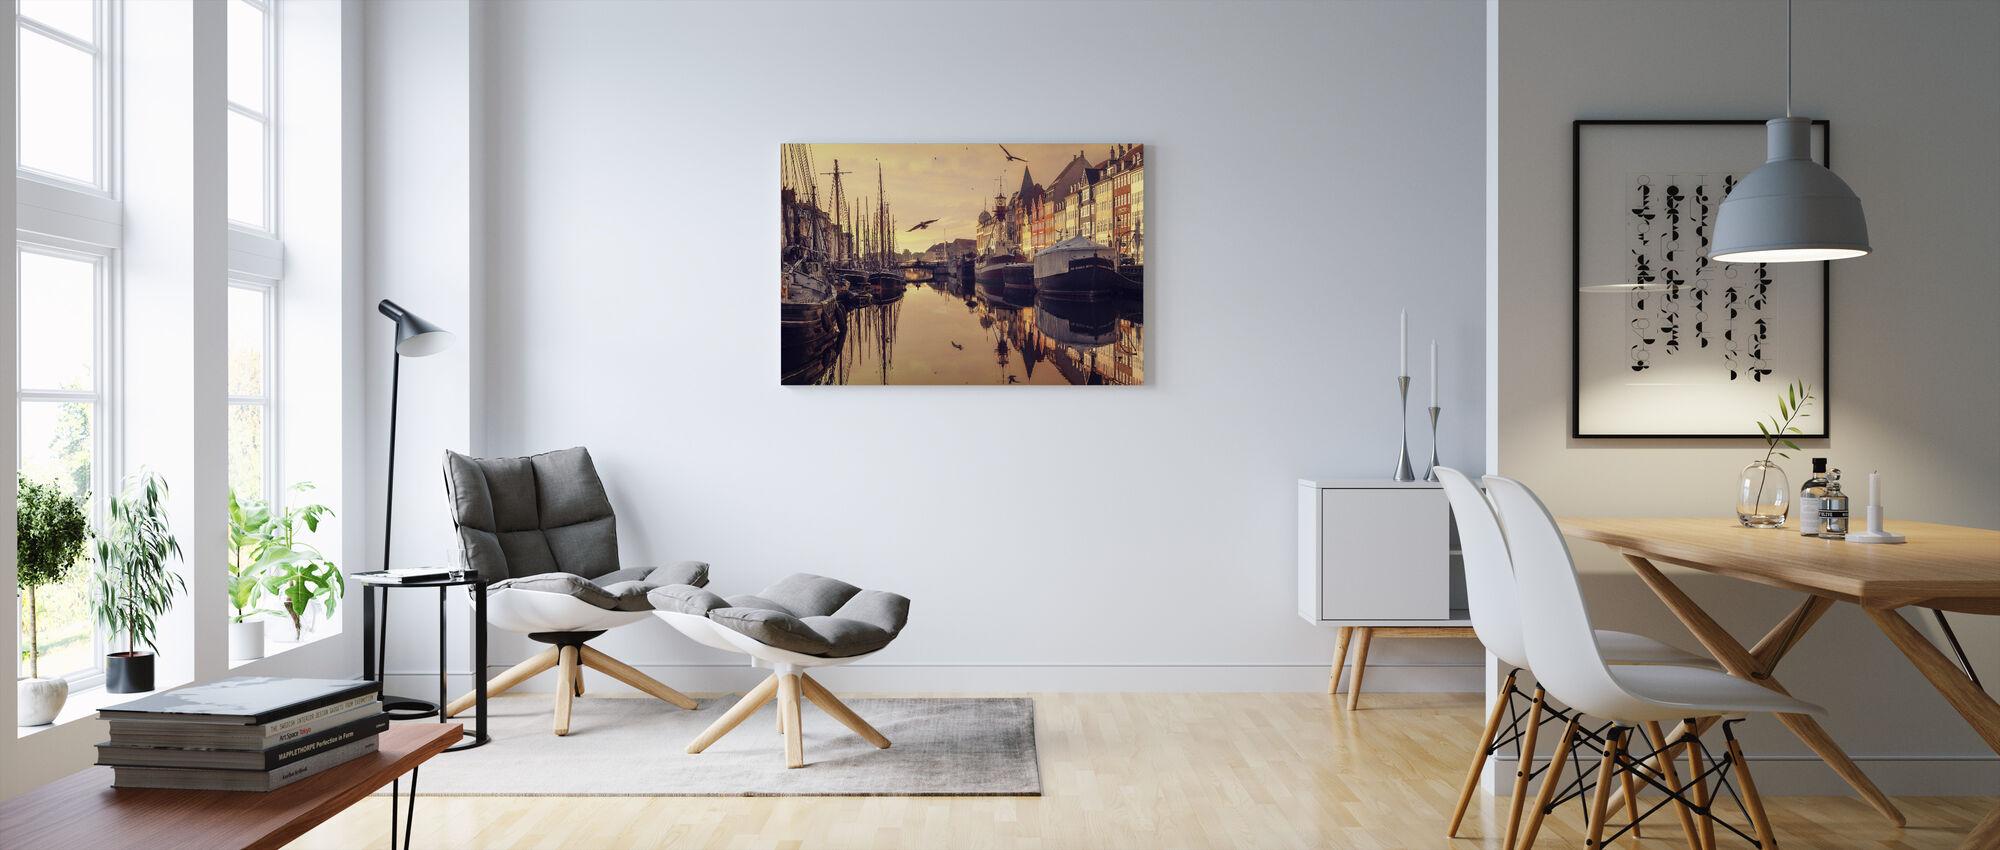 Romantisk København, Danmark - Billede på lærred - Stue